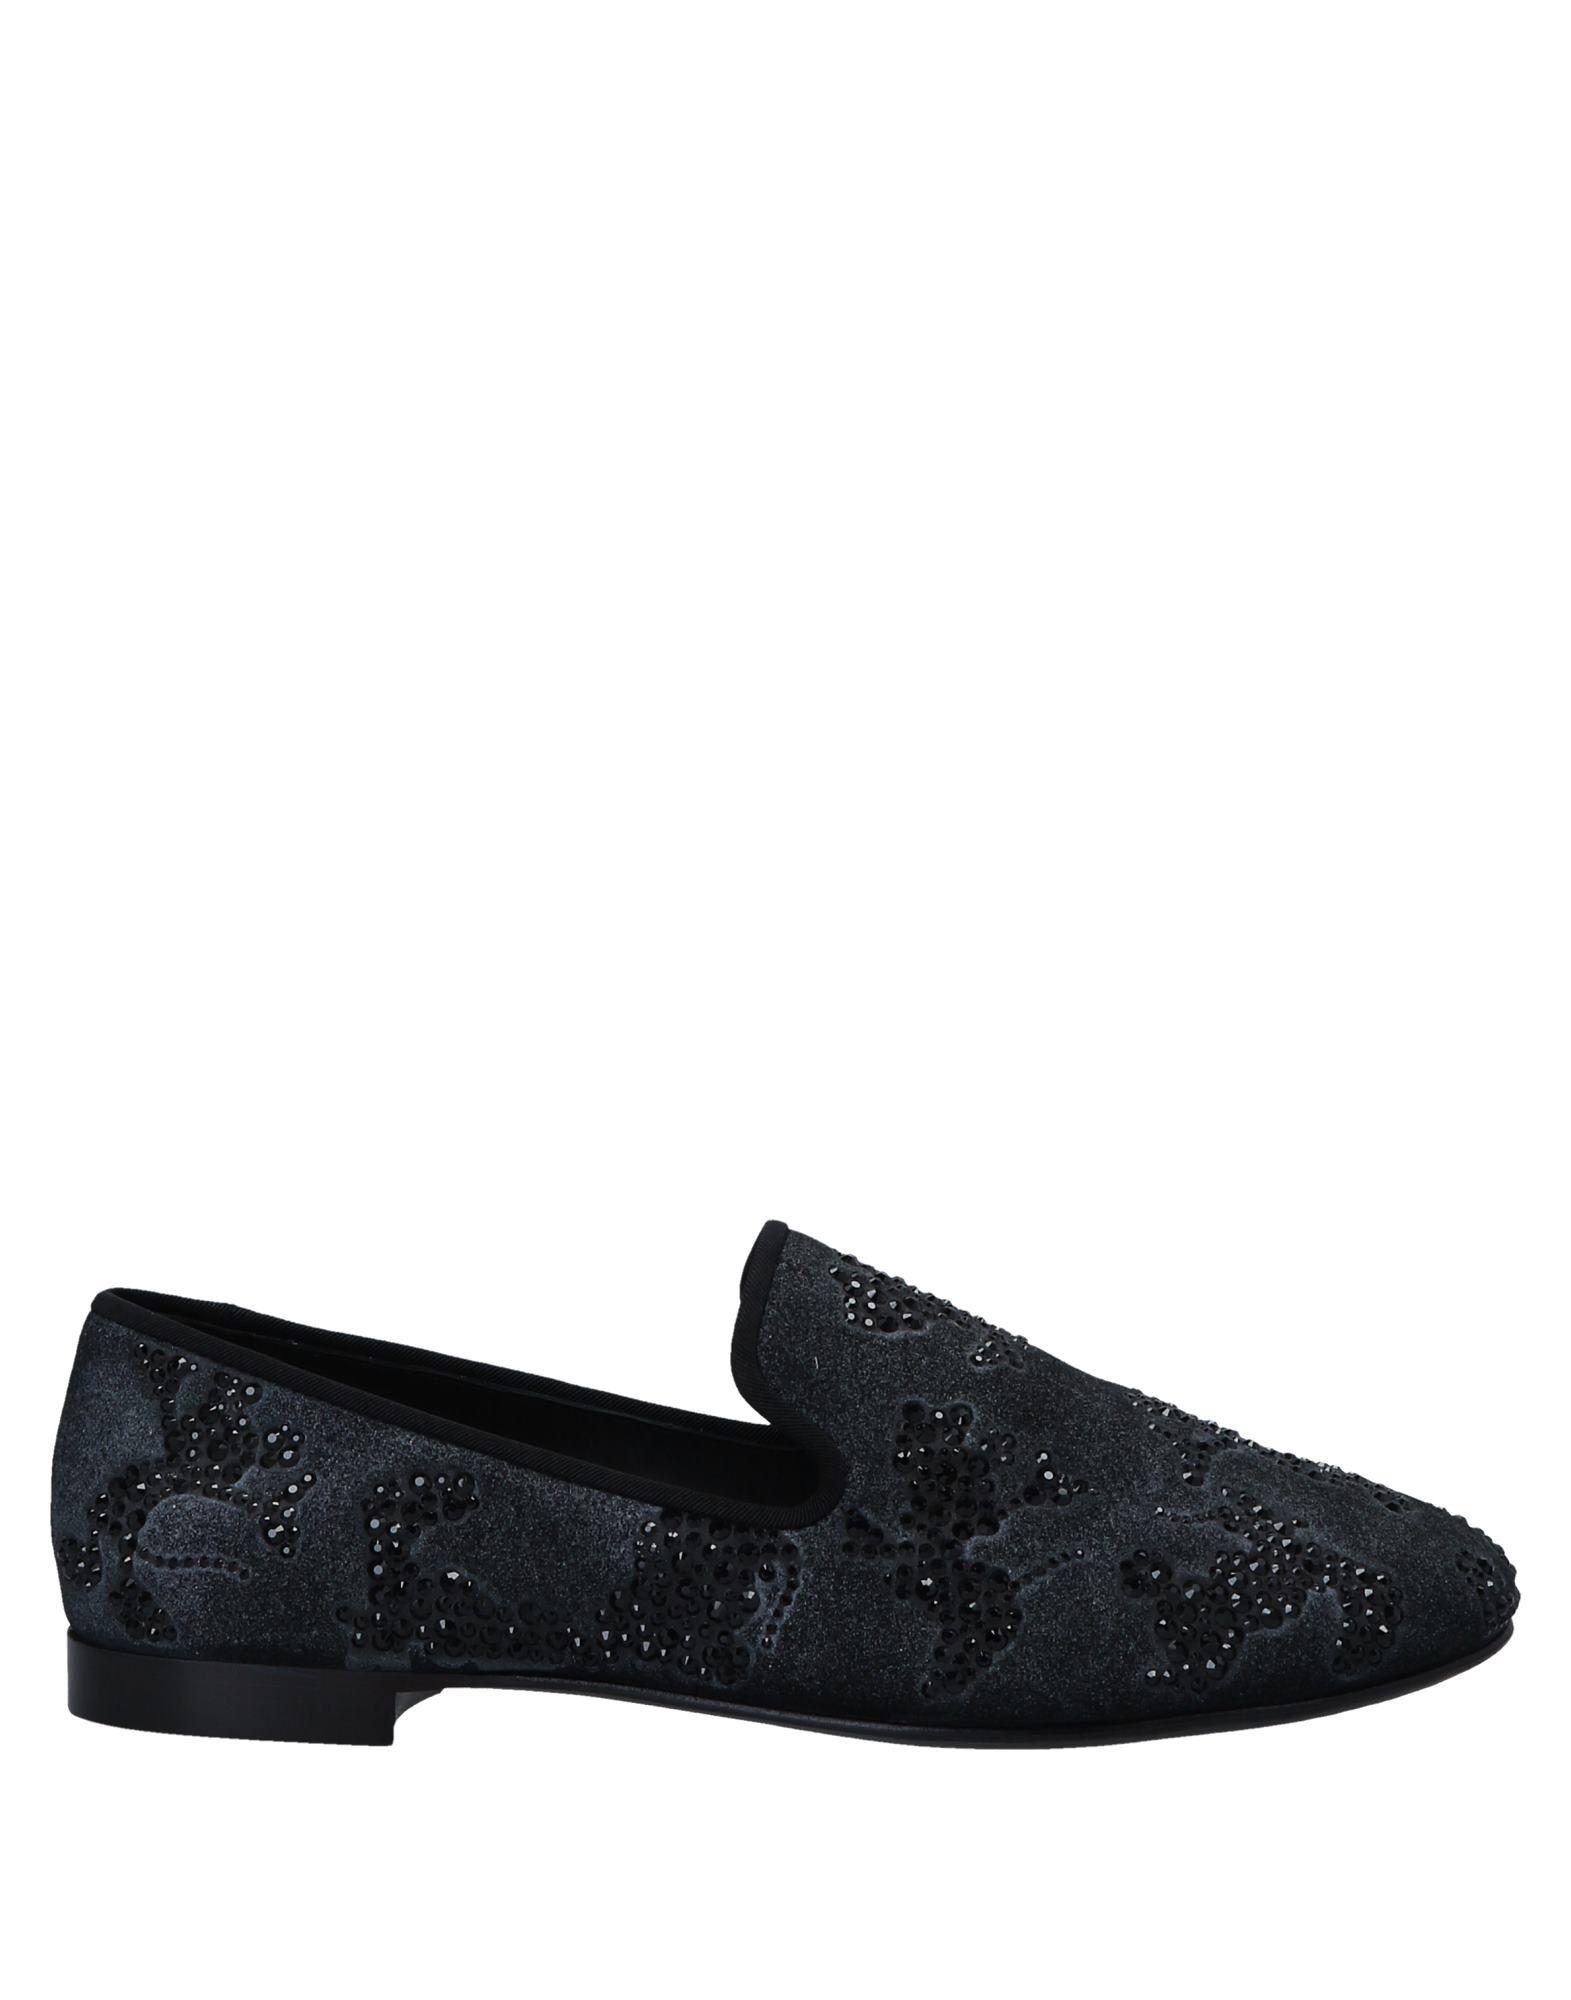 Giuseppe 11550348AX Zanotti Mokassins Herren  11550348AX Giuseppe Gute Qualität beliebte Schuhe decf24